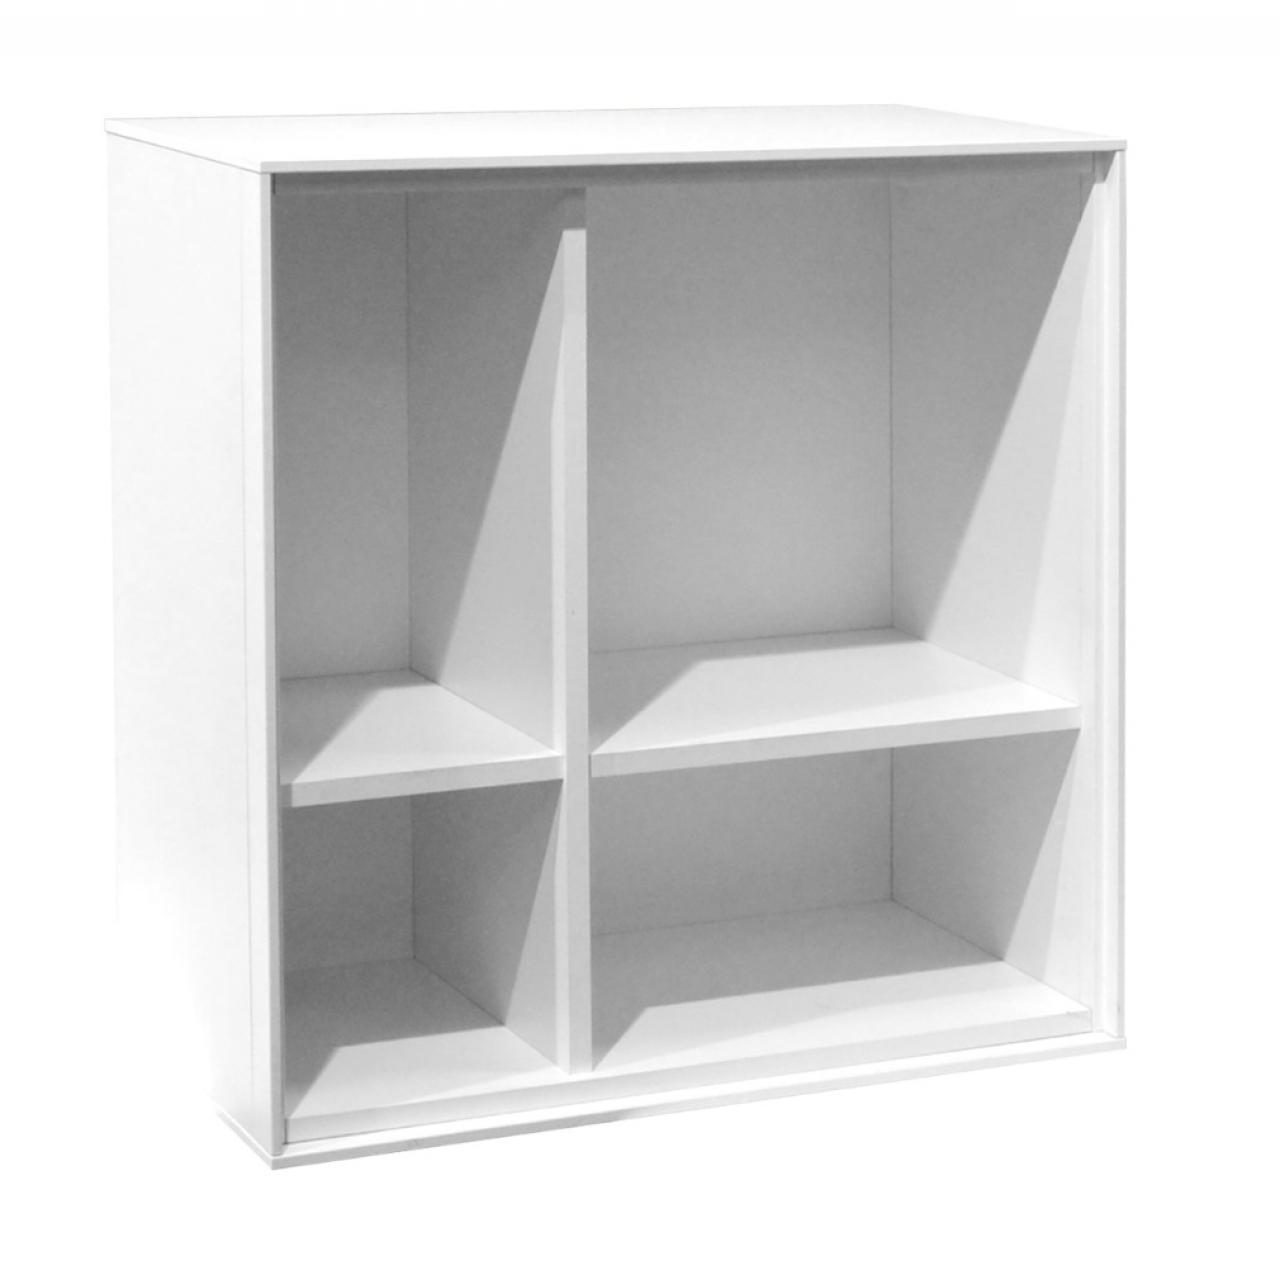 h ngeschrank arizona w rfel beim bel wohnen m bel j hnichen center gmbh. Black Bedroom Furniture Sets. Home Design Ideas